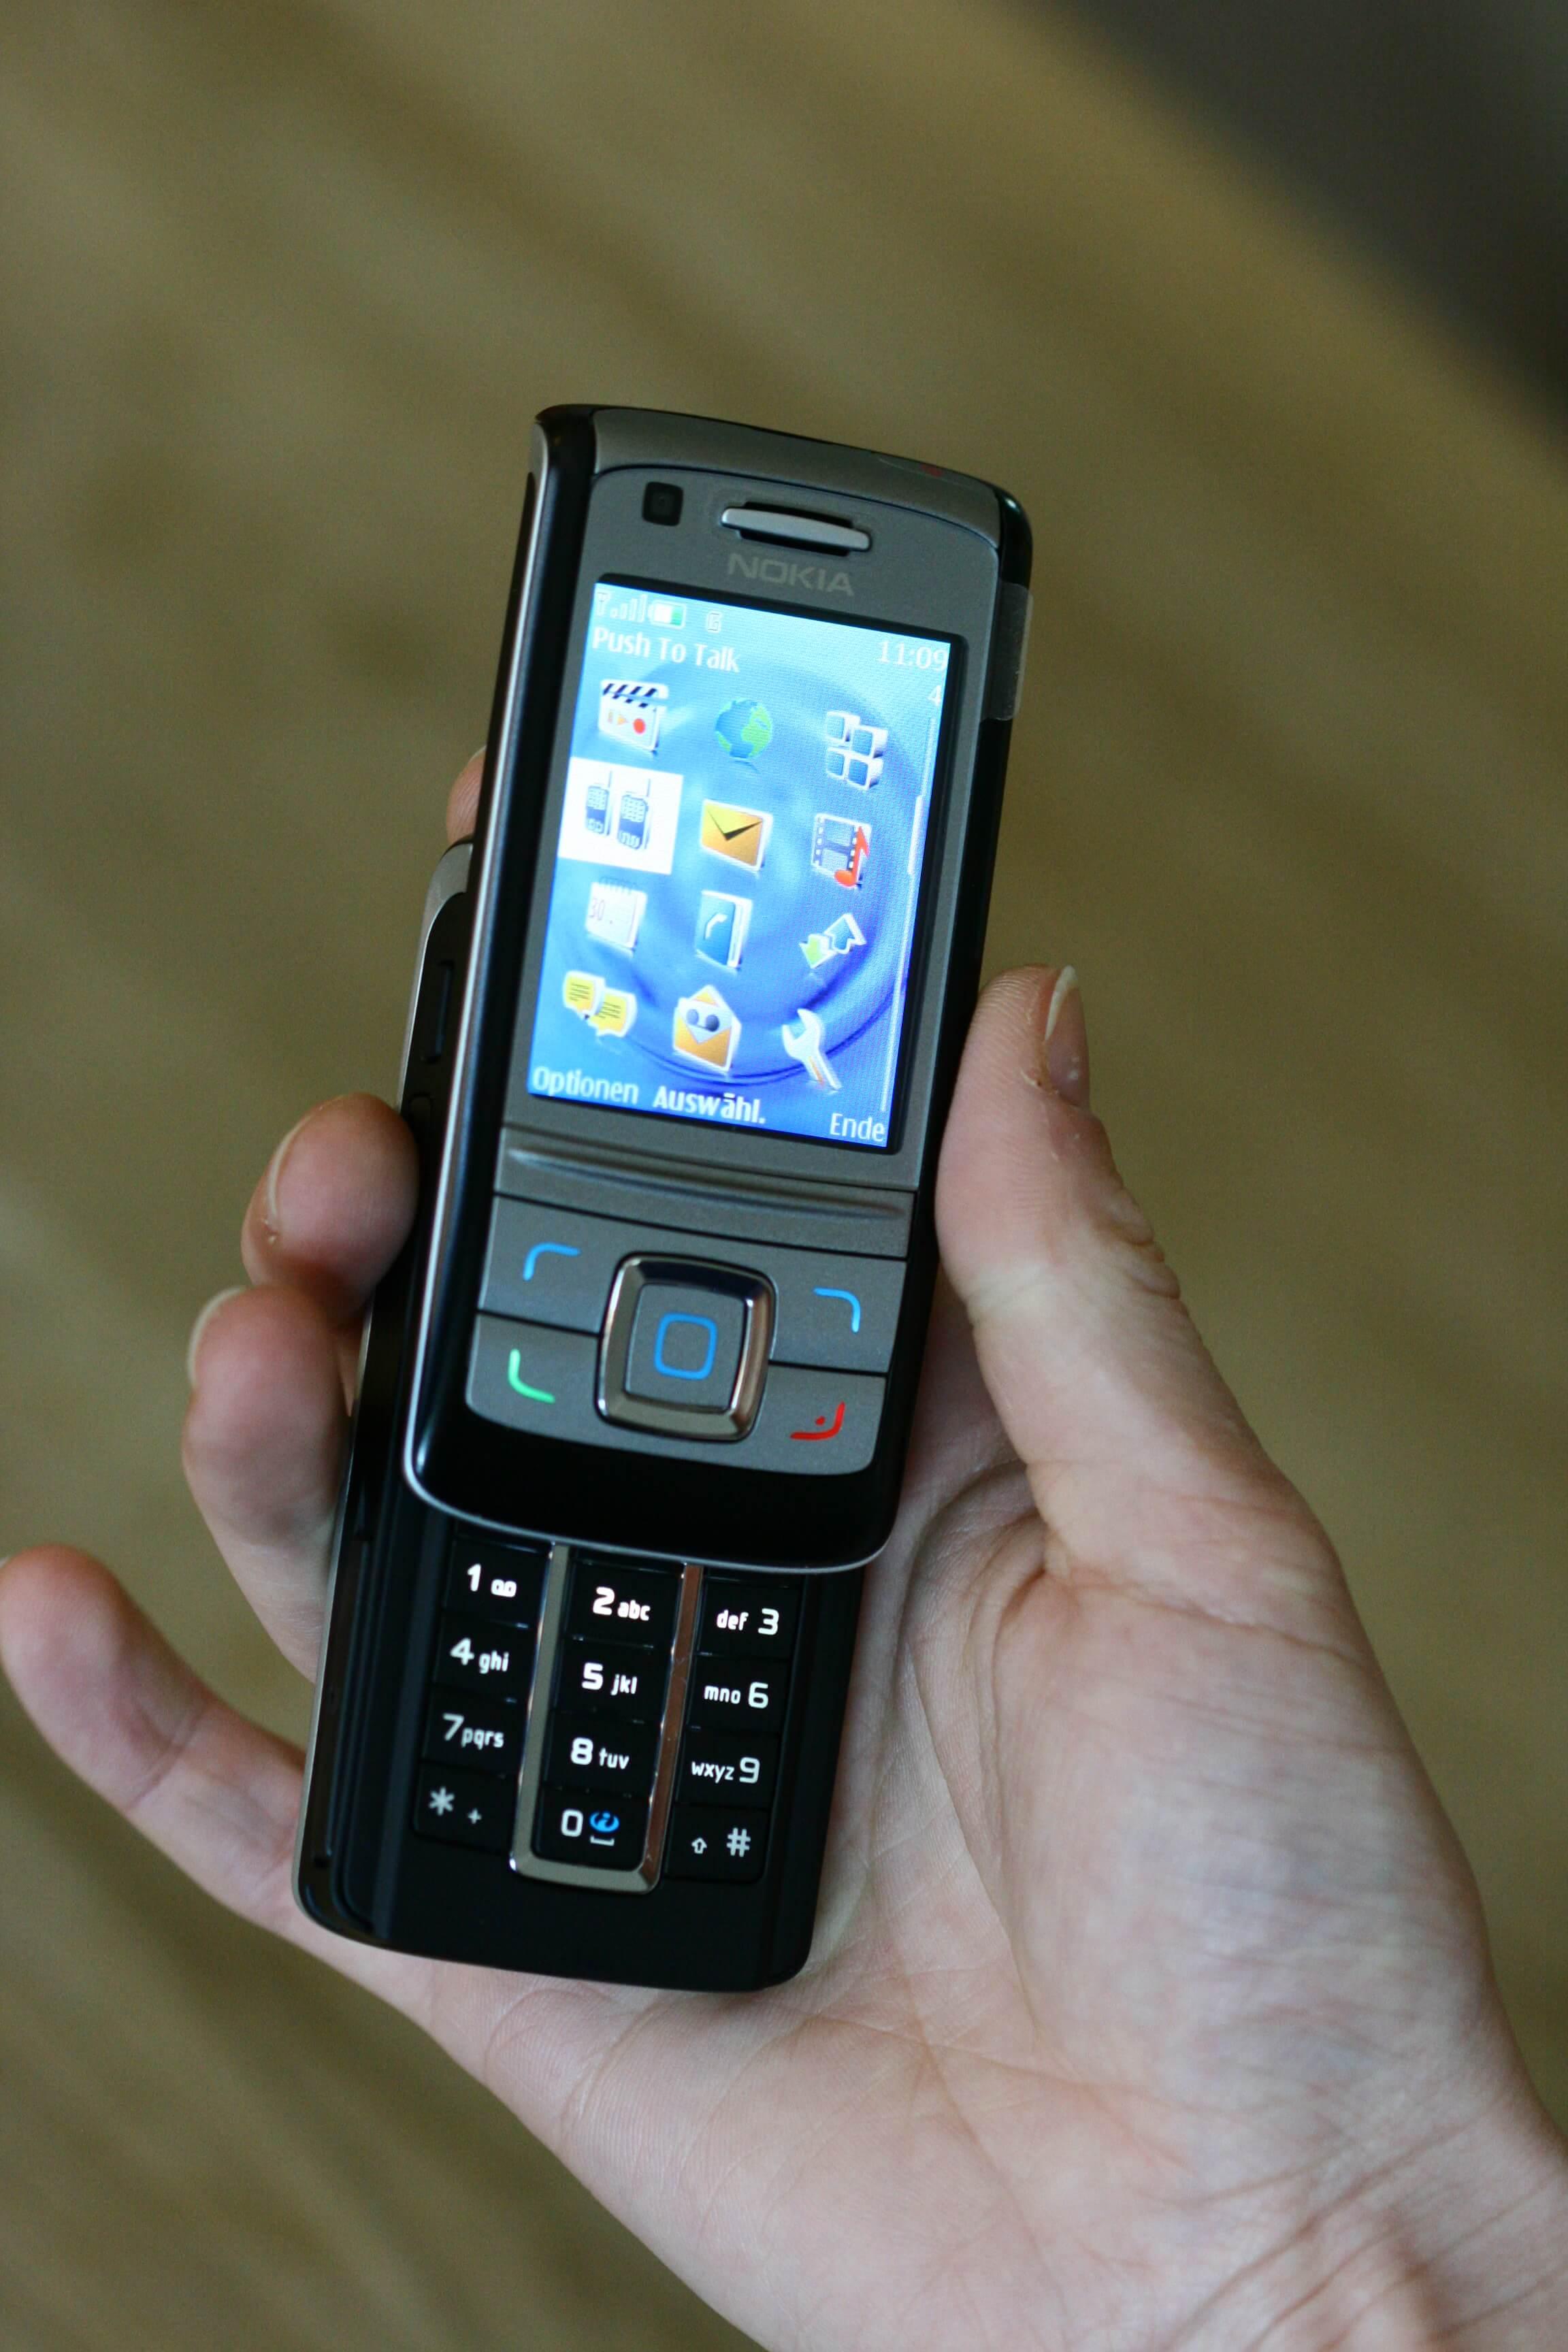 Nokia kehrt ins Handygeschäft zurück